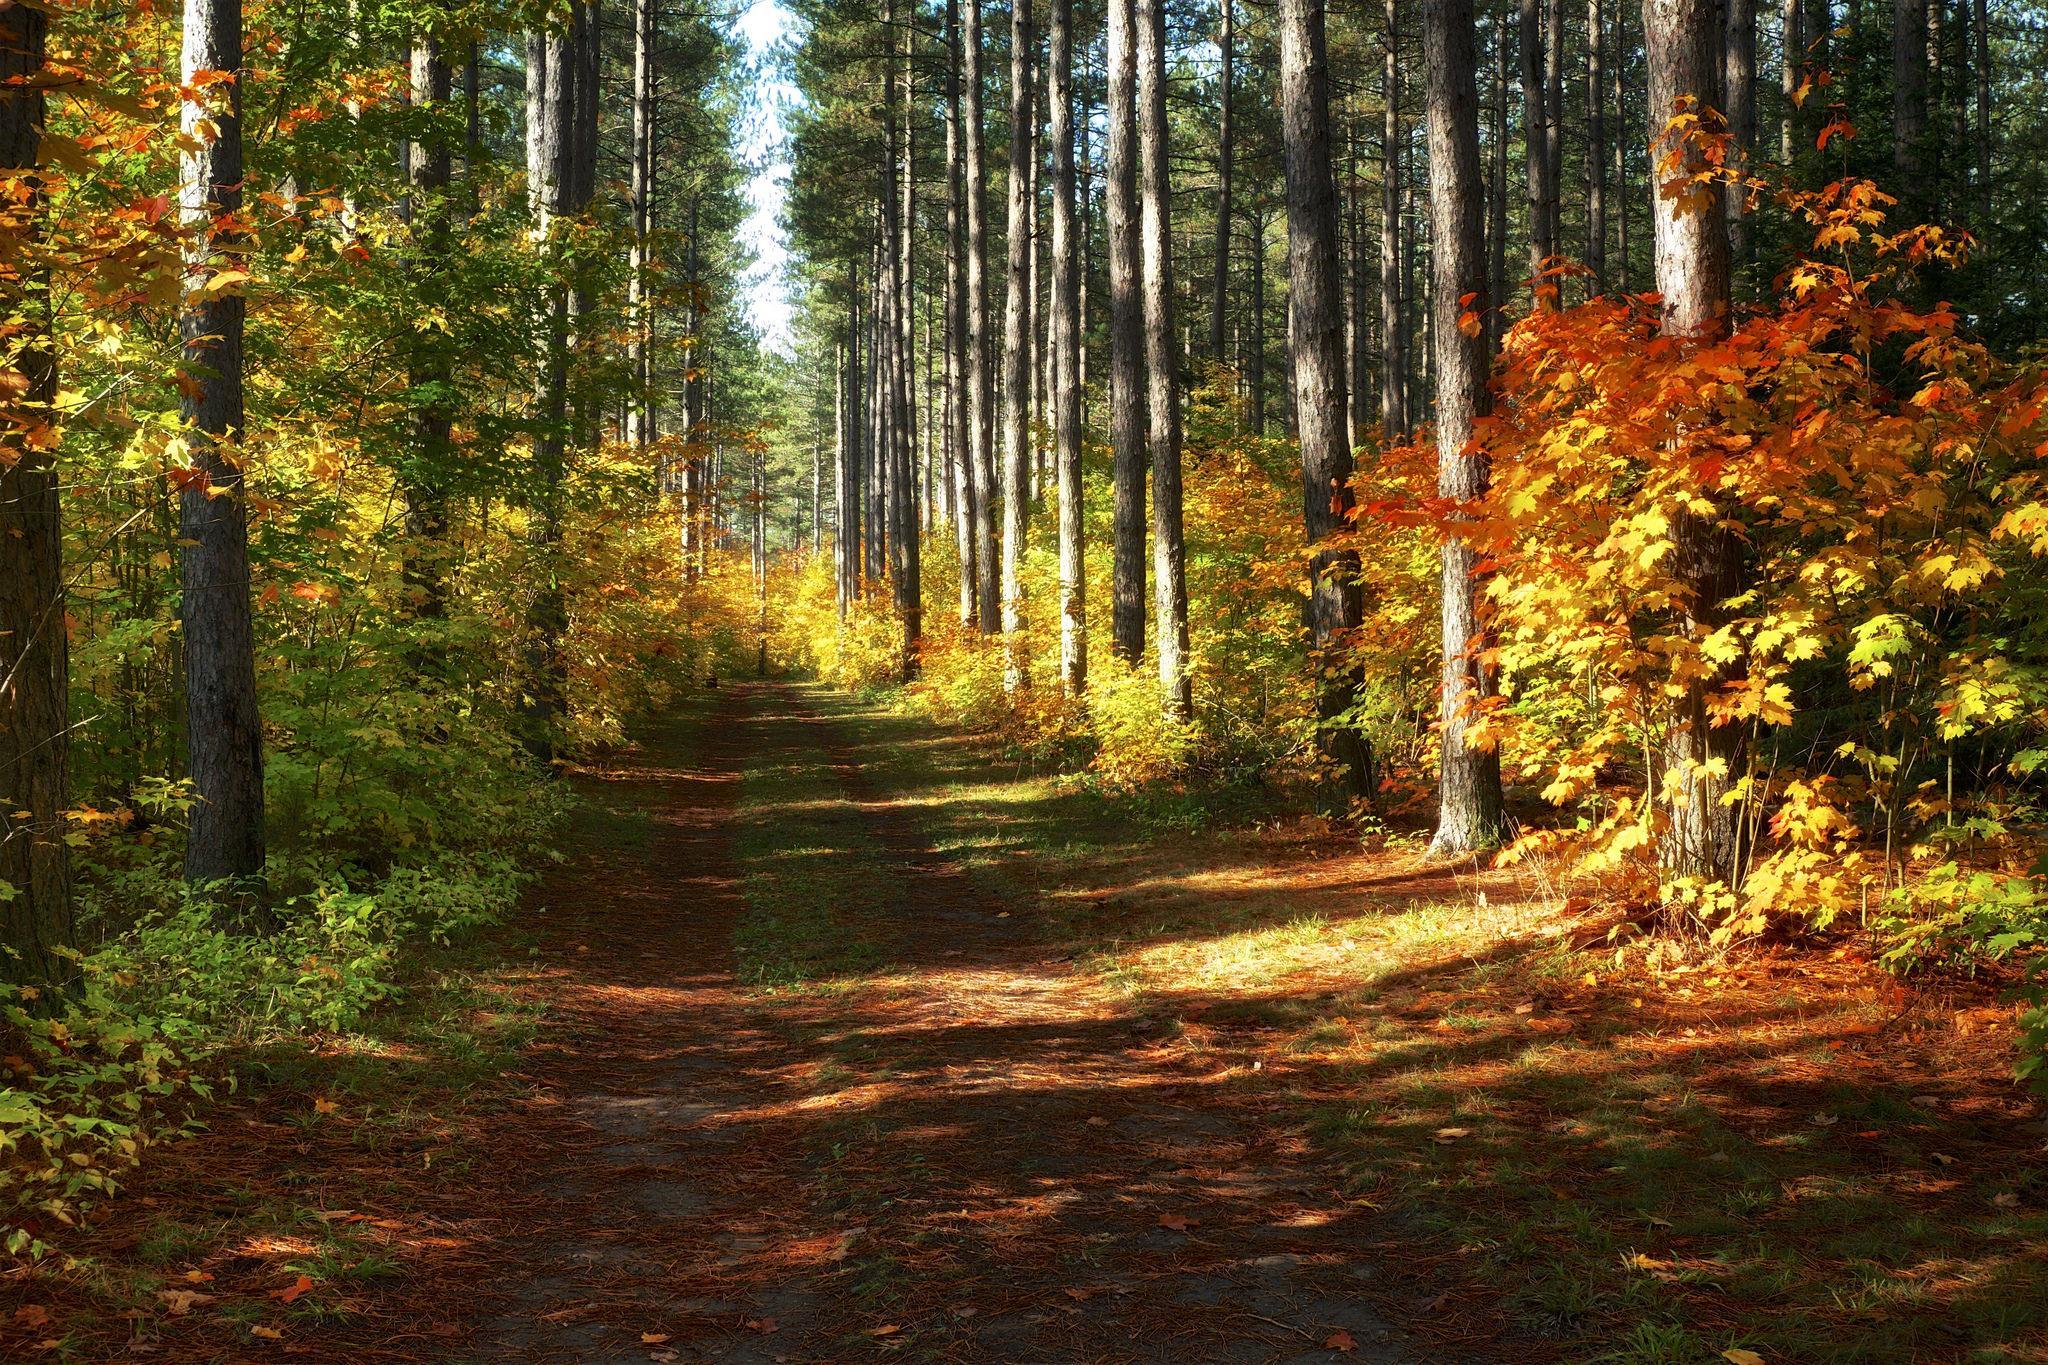 Подруге, осень в лесу открытки